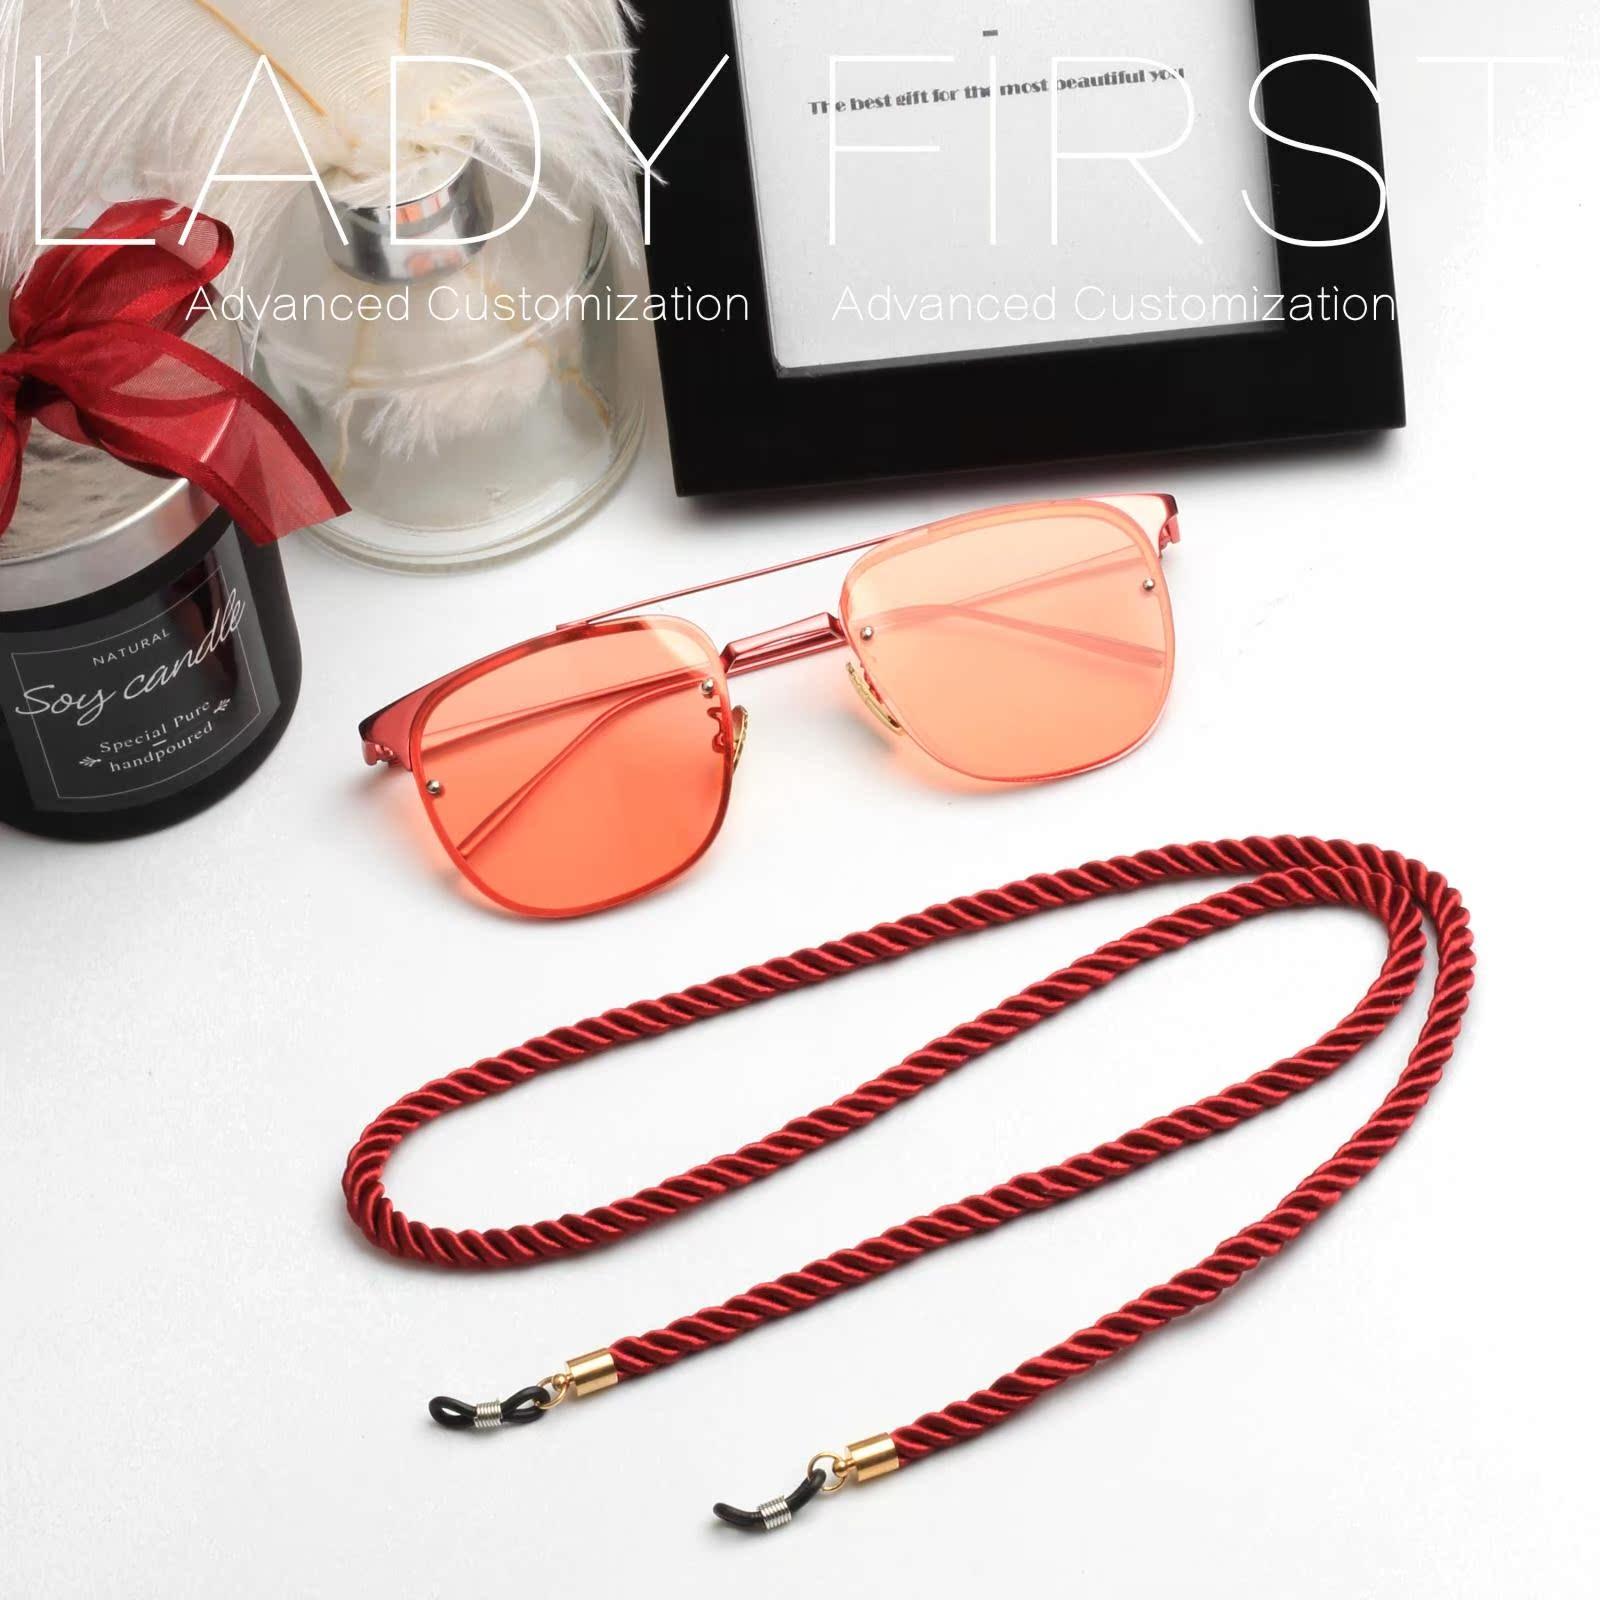 LADYFIRST жемчужина ретро мода солнце декоративный очки цепь повесить за шею старческая дальнозоркость темные очки веревка цепь группа